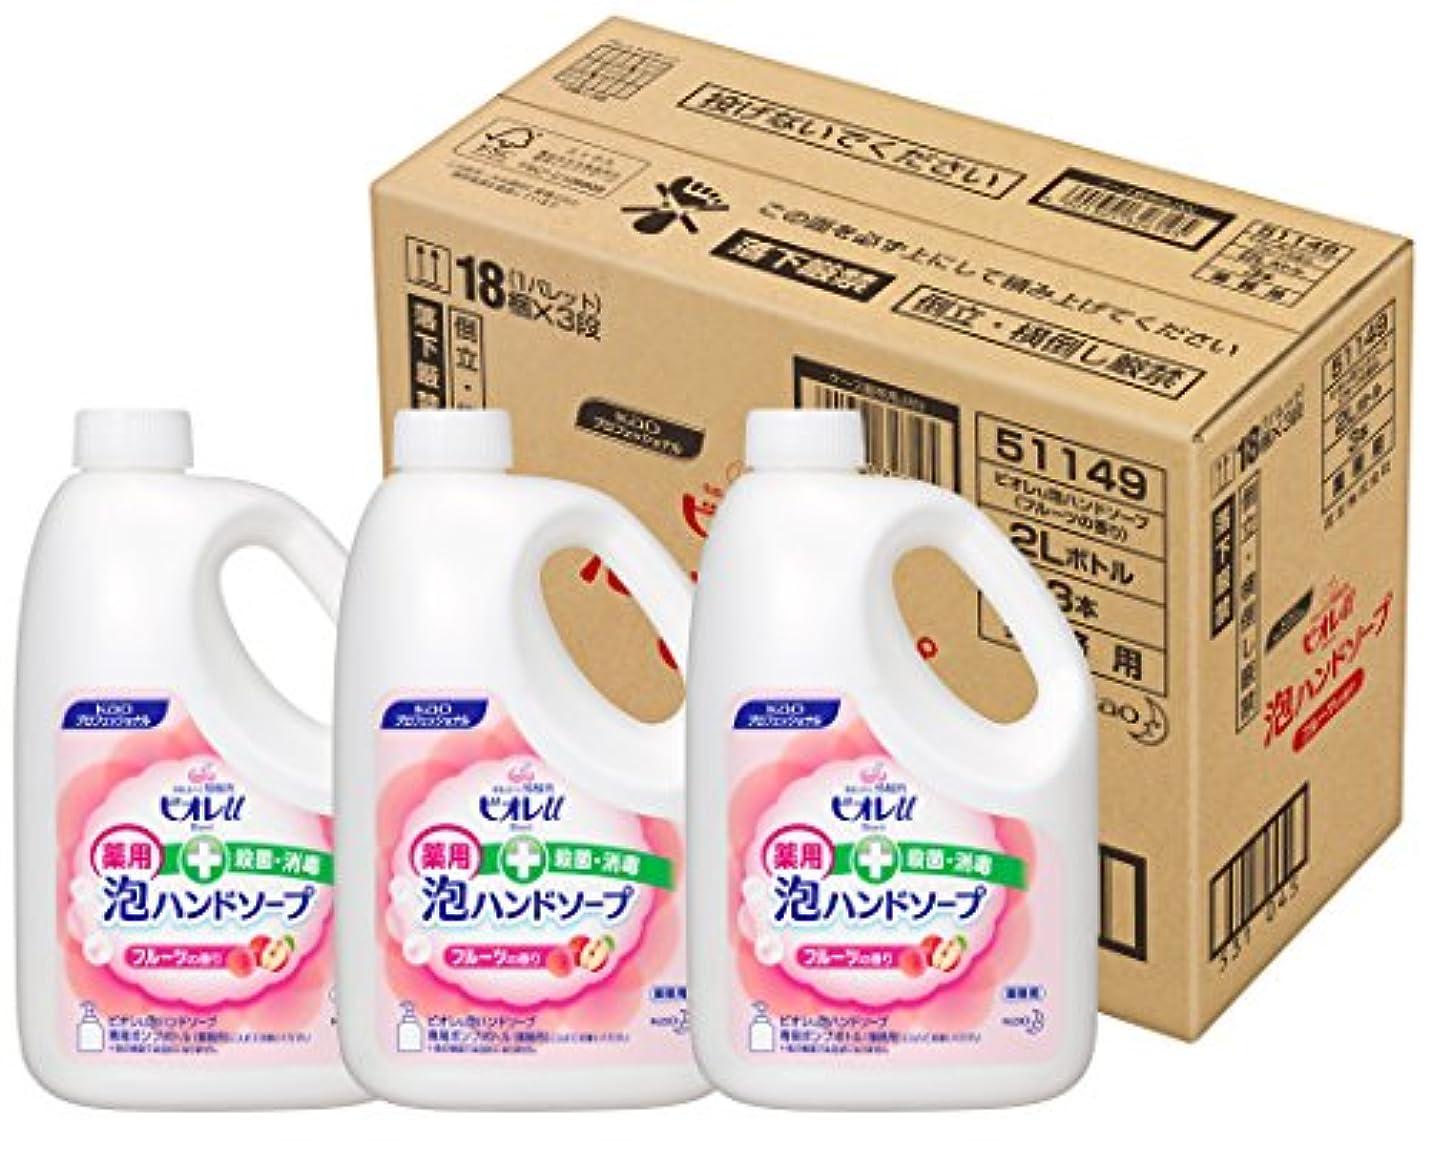 不調和破壊的オゾン【ケース販売 業務用 泡ハンドソープ】ビオレu 泡ハンドソープ フルーツの香り 2L×3(プロフェッショナルシリーズ)